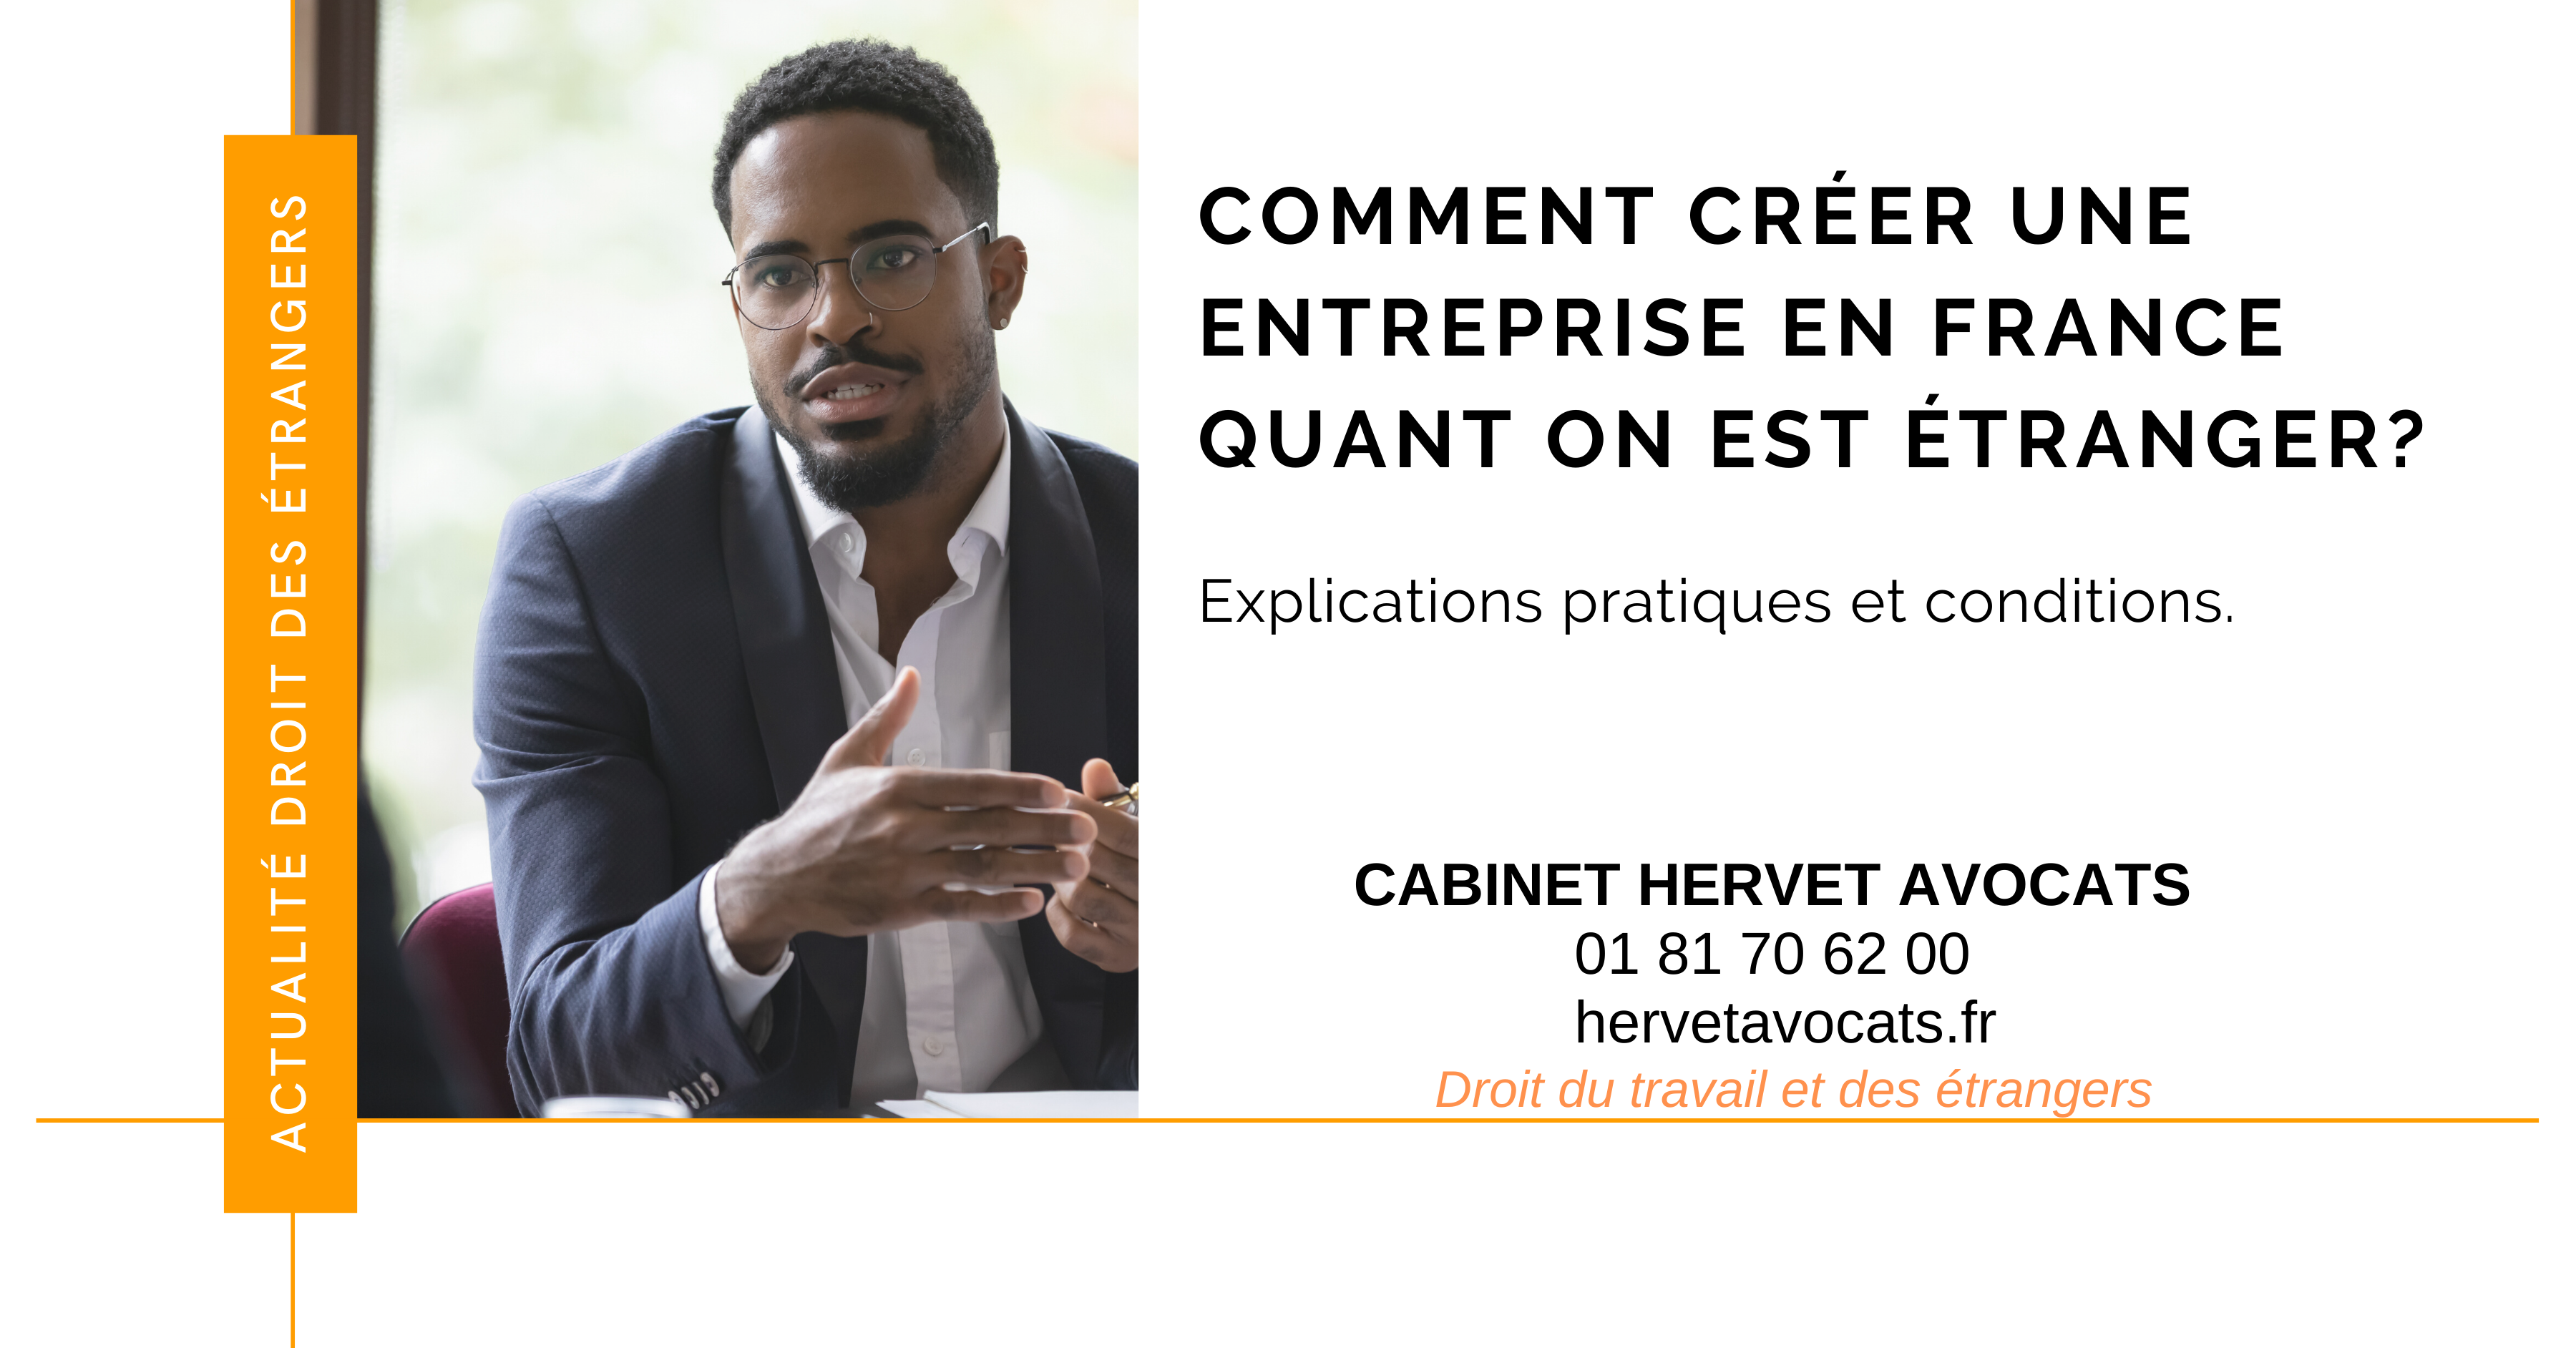 Création d'une entreprise en France par un ressortissant étranger : quelles sont les conditions ?